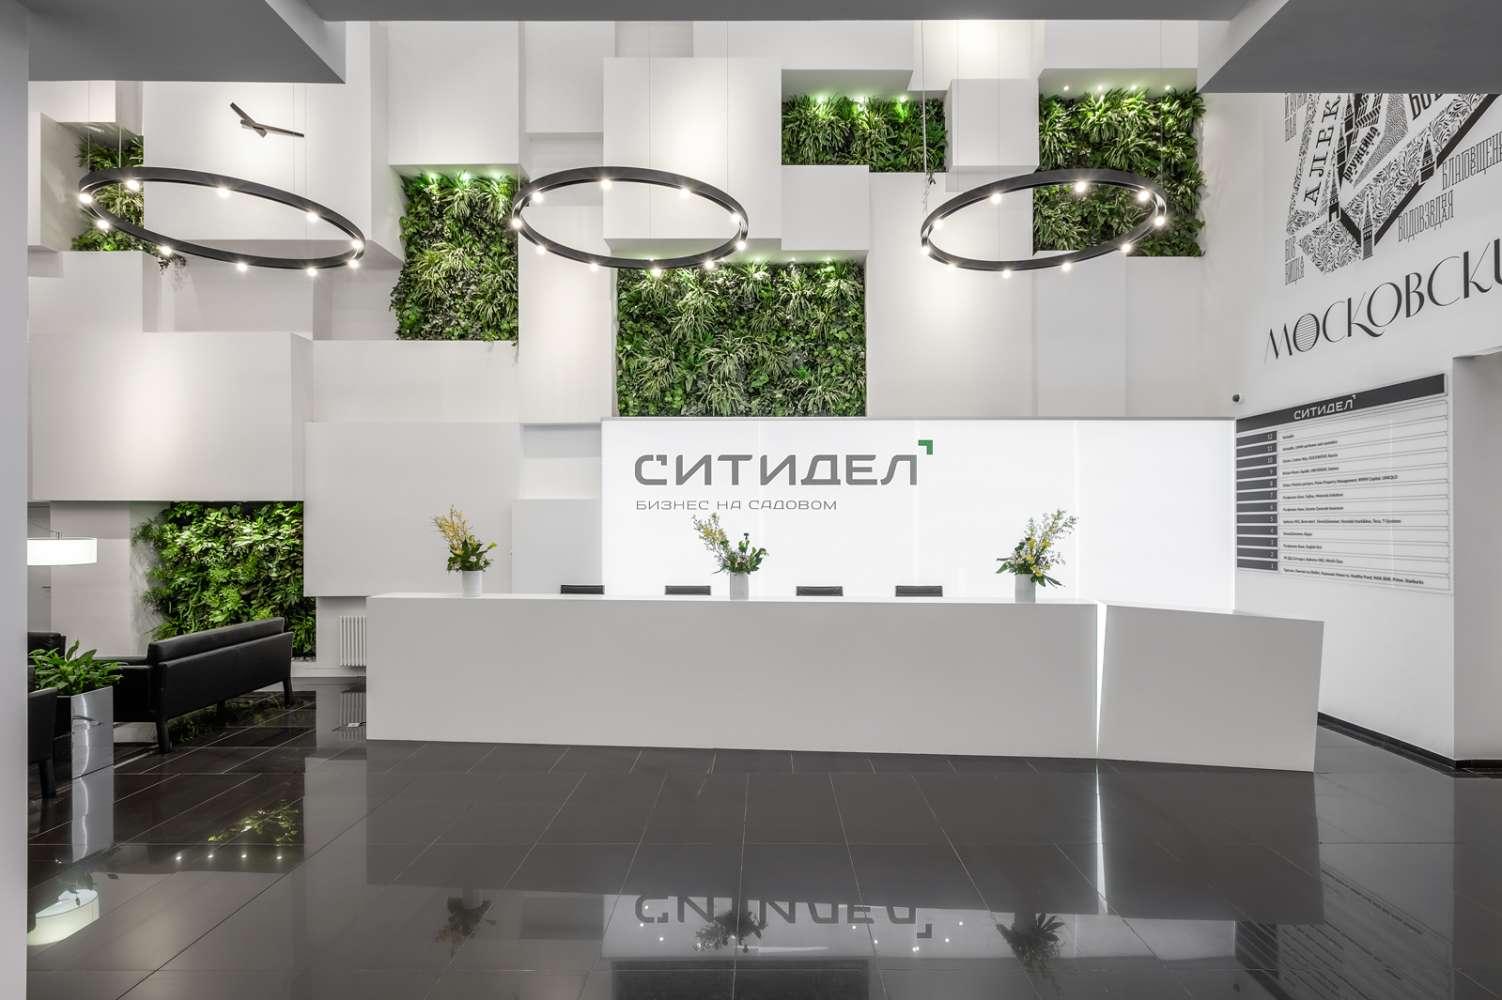 Офисная недвижимость Москва,  - СИТИДЕЛ